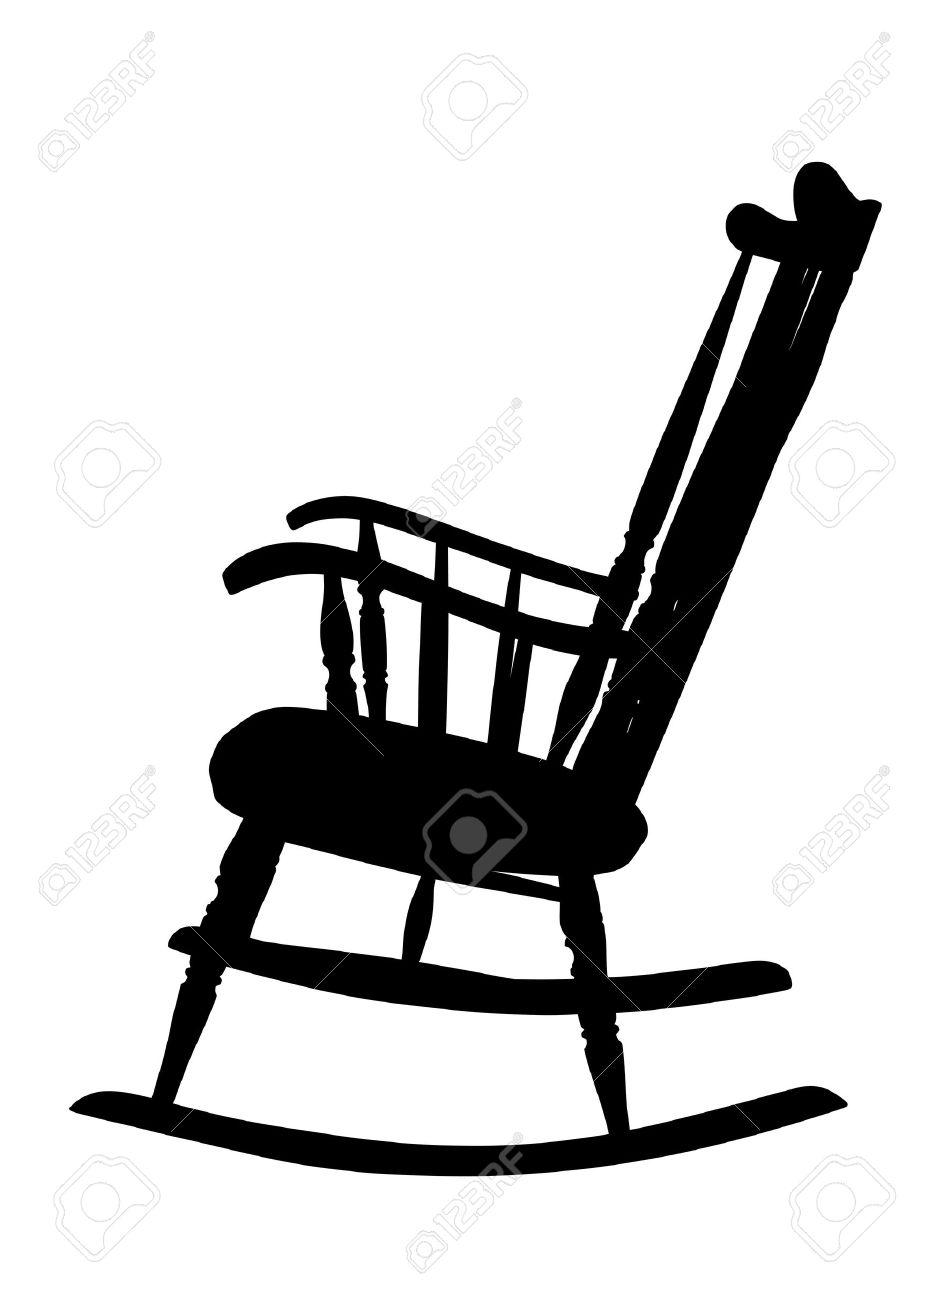 rocking chair: Vintage Rocking .-rocking chair: Vintage Rocking .-14